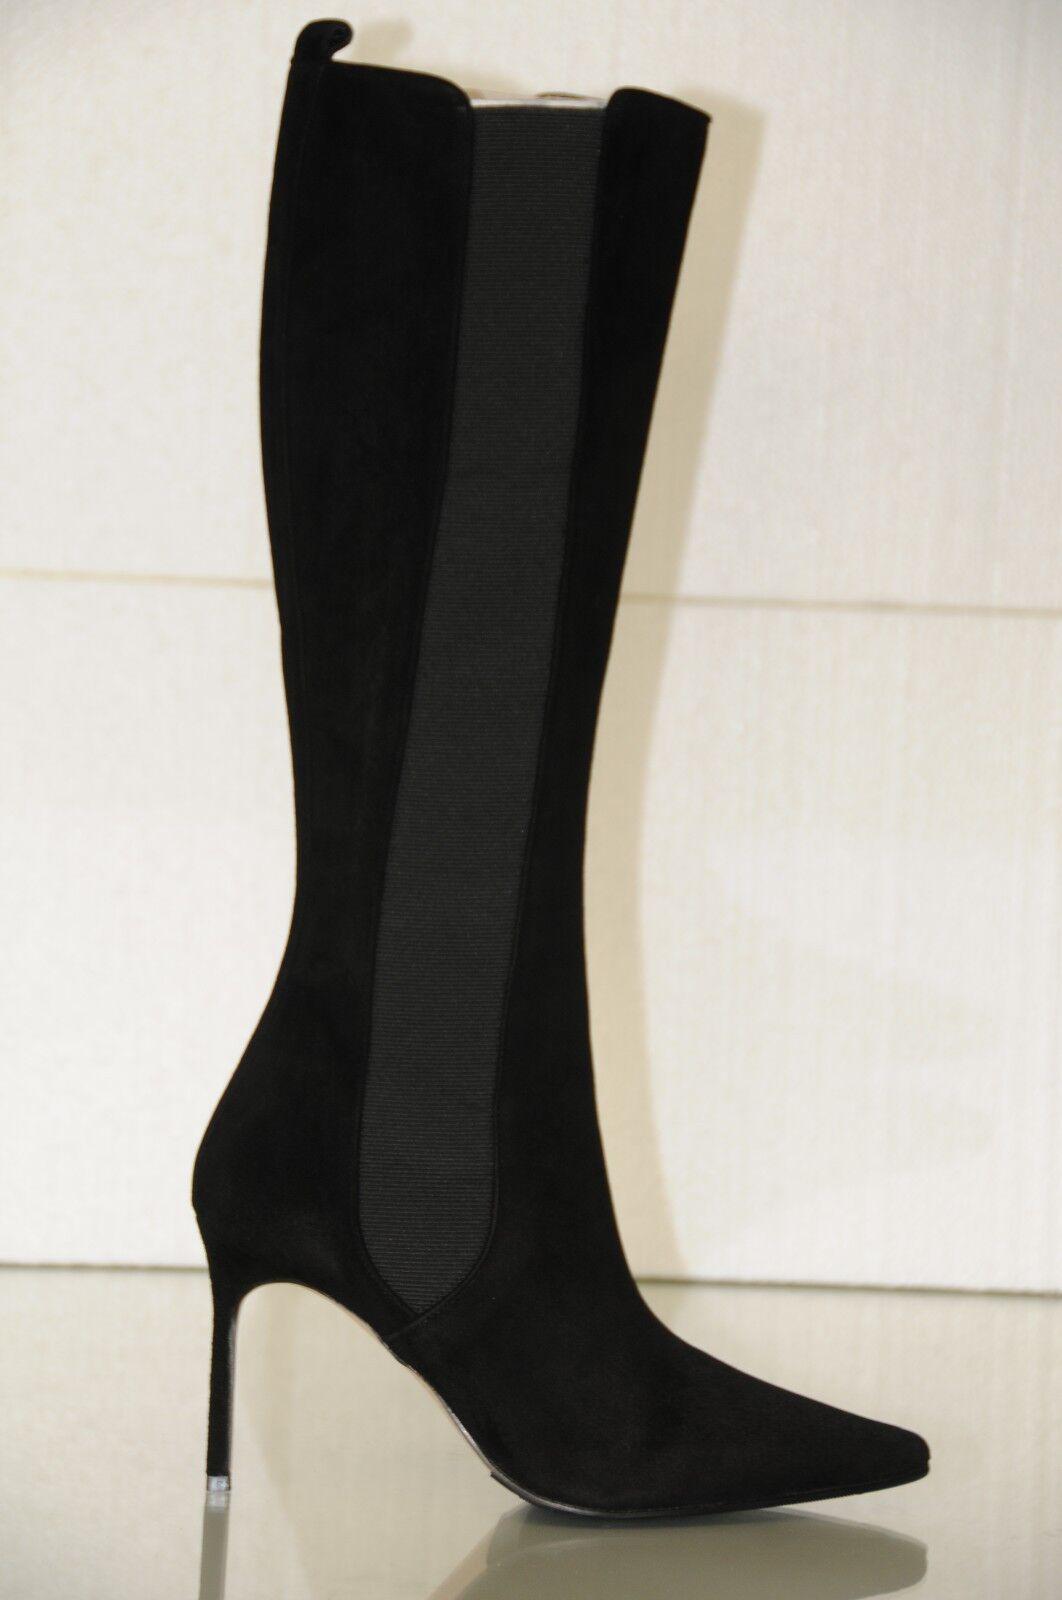 Nuevo Manolo Blahnik Tungadehi Bb ante Negro Elástico Elástico Elástico botas 37 39 40.5  diseños exclusivos